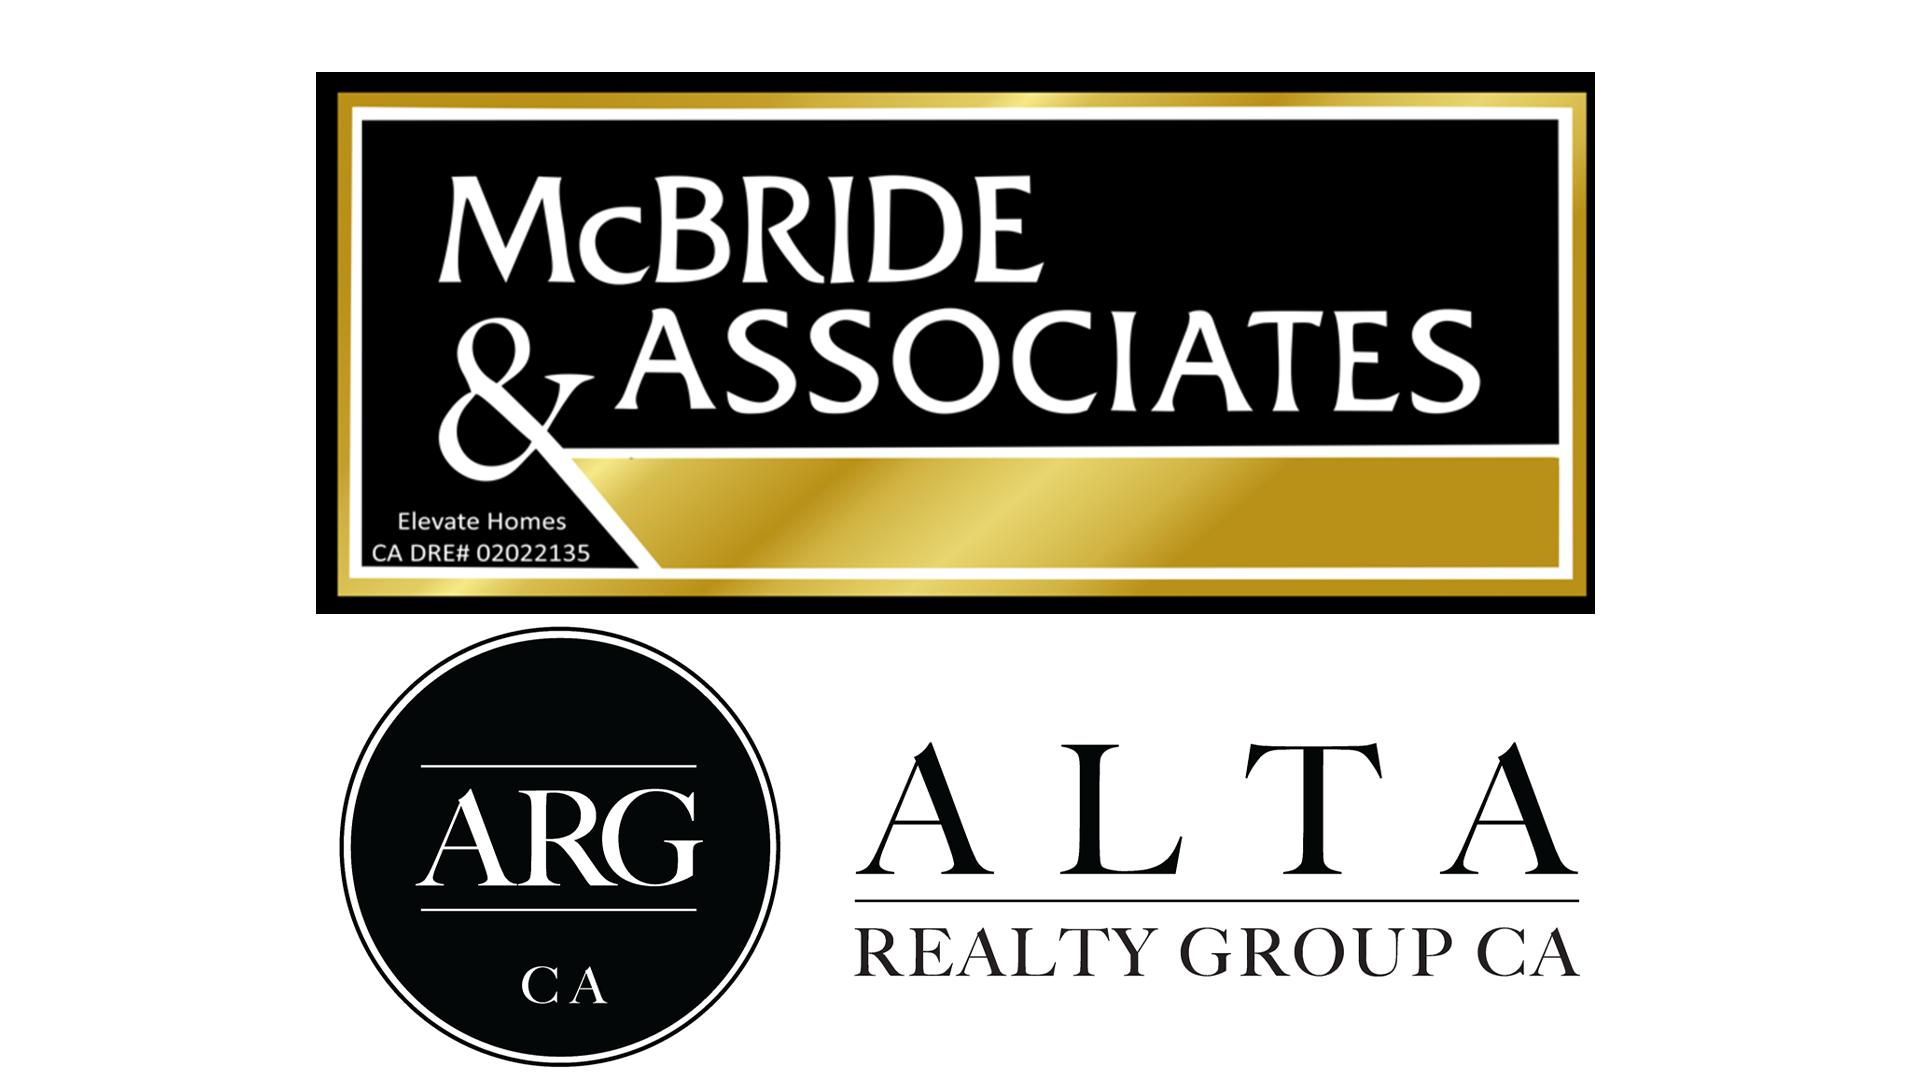 McBride & Associates